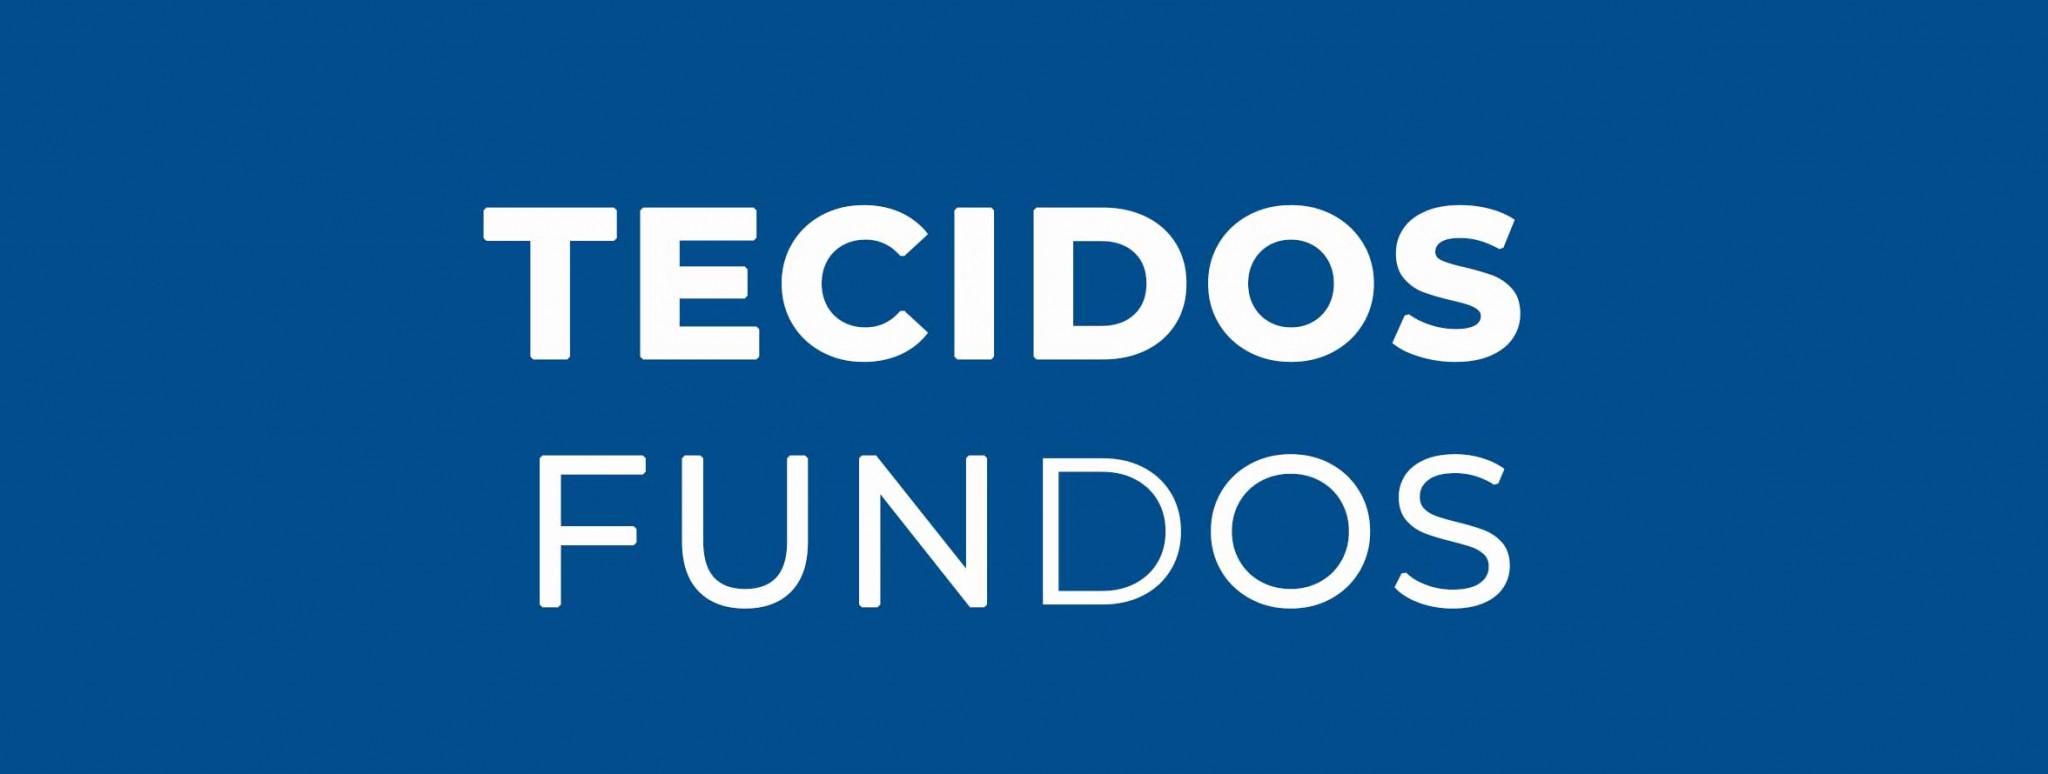 Tecidos Fundos